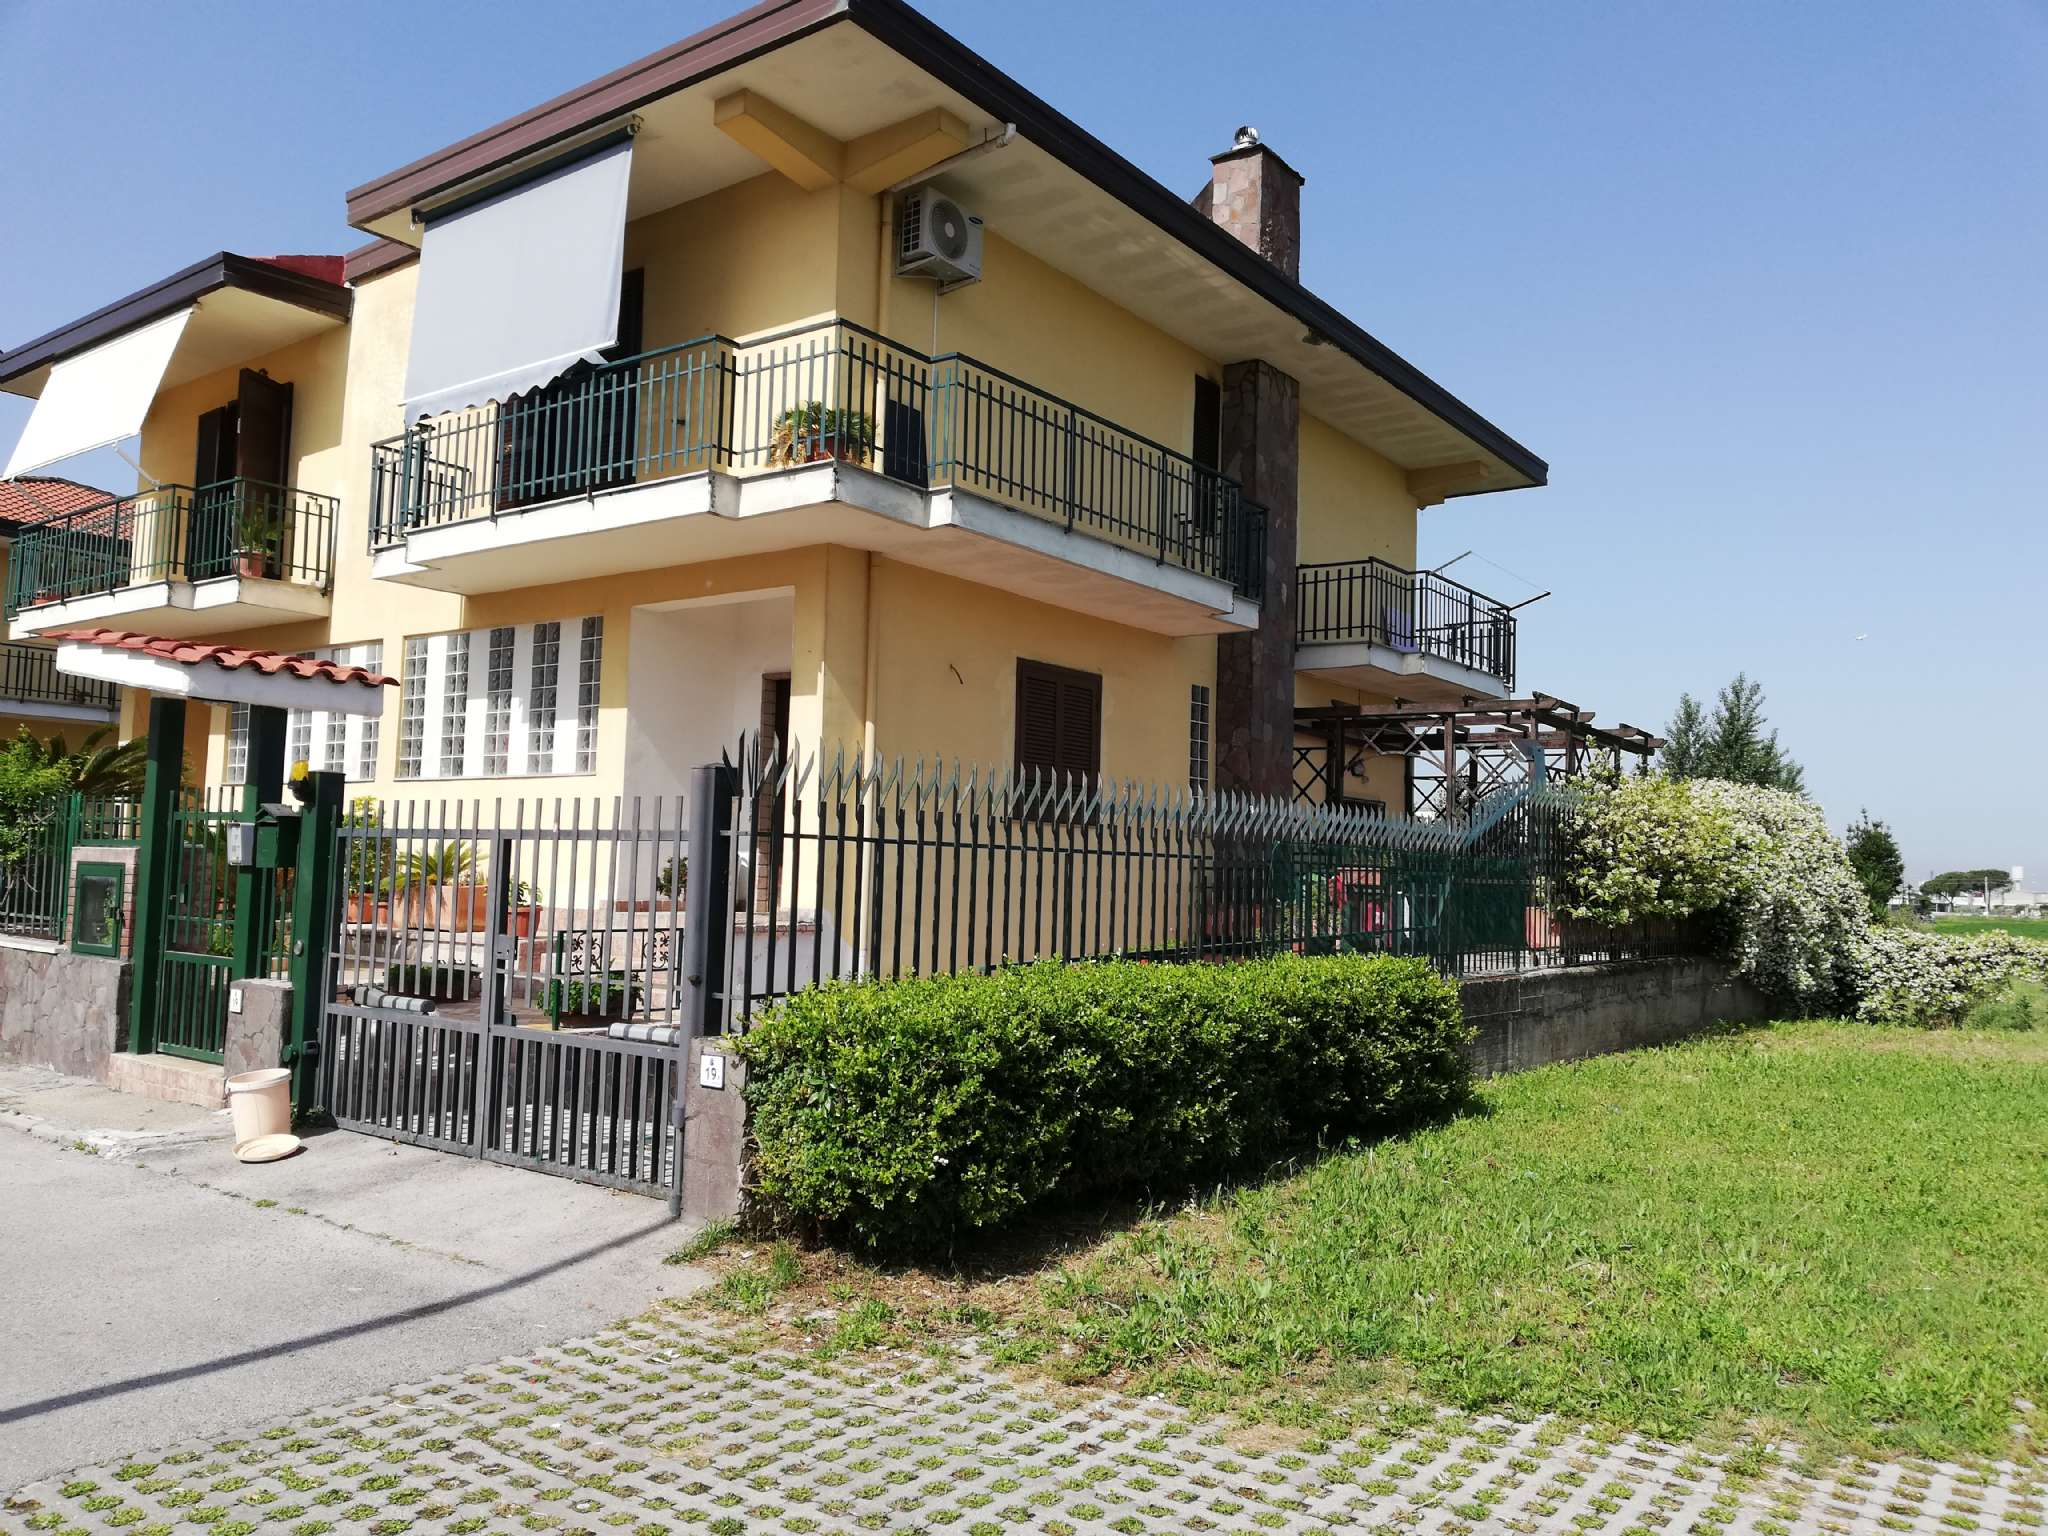 Soluzione Semindipendente in vendita a Mariglianella, 6 locali, prezzo € 360.000 | CambioCasa.it